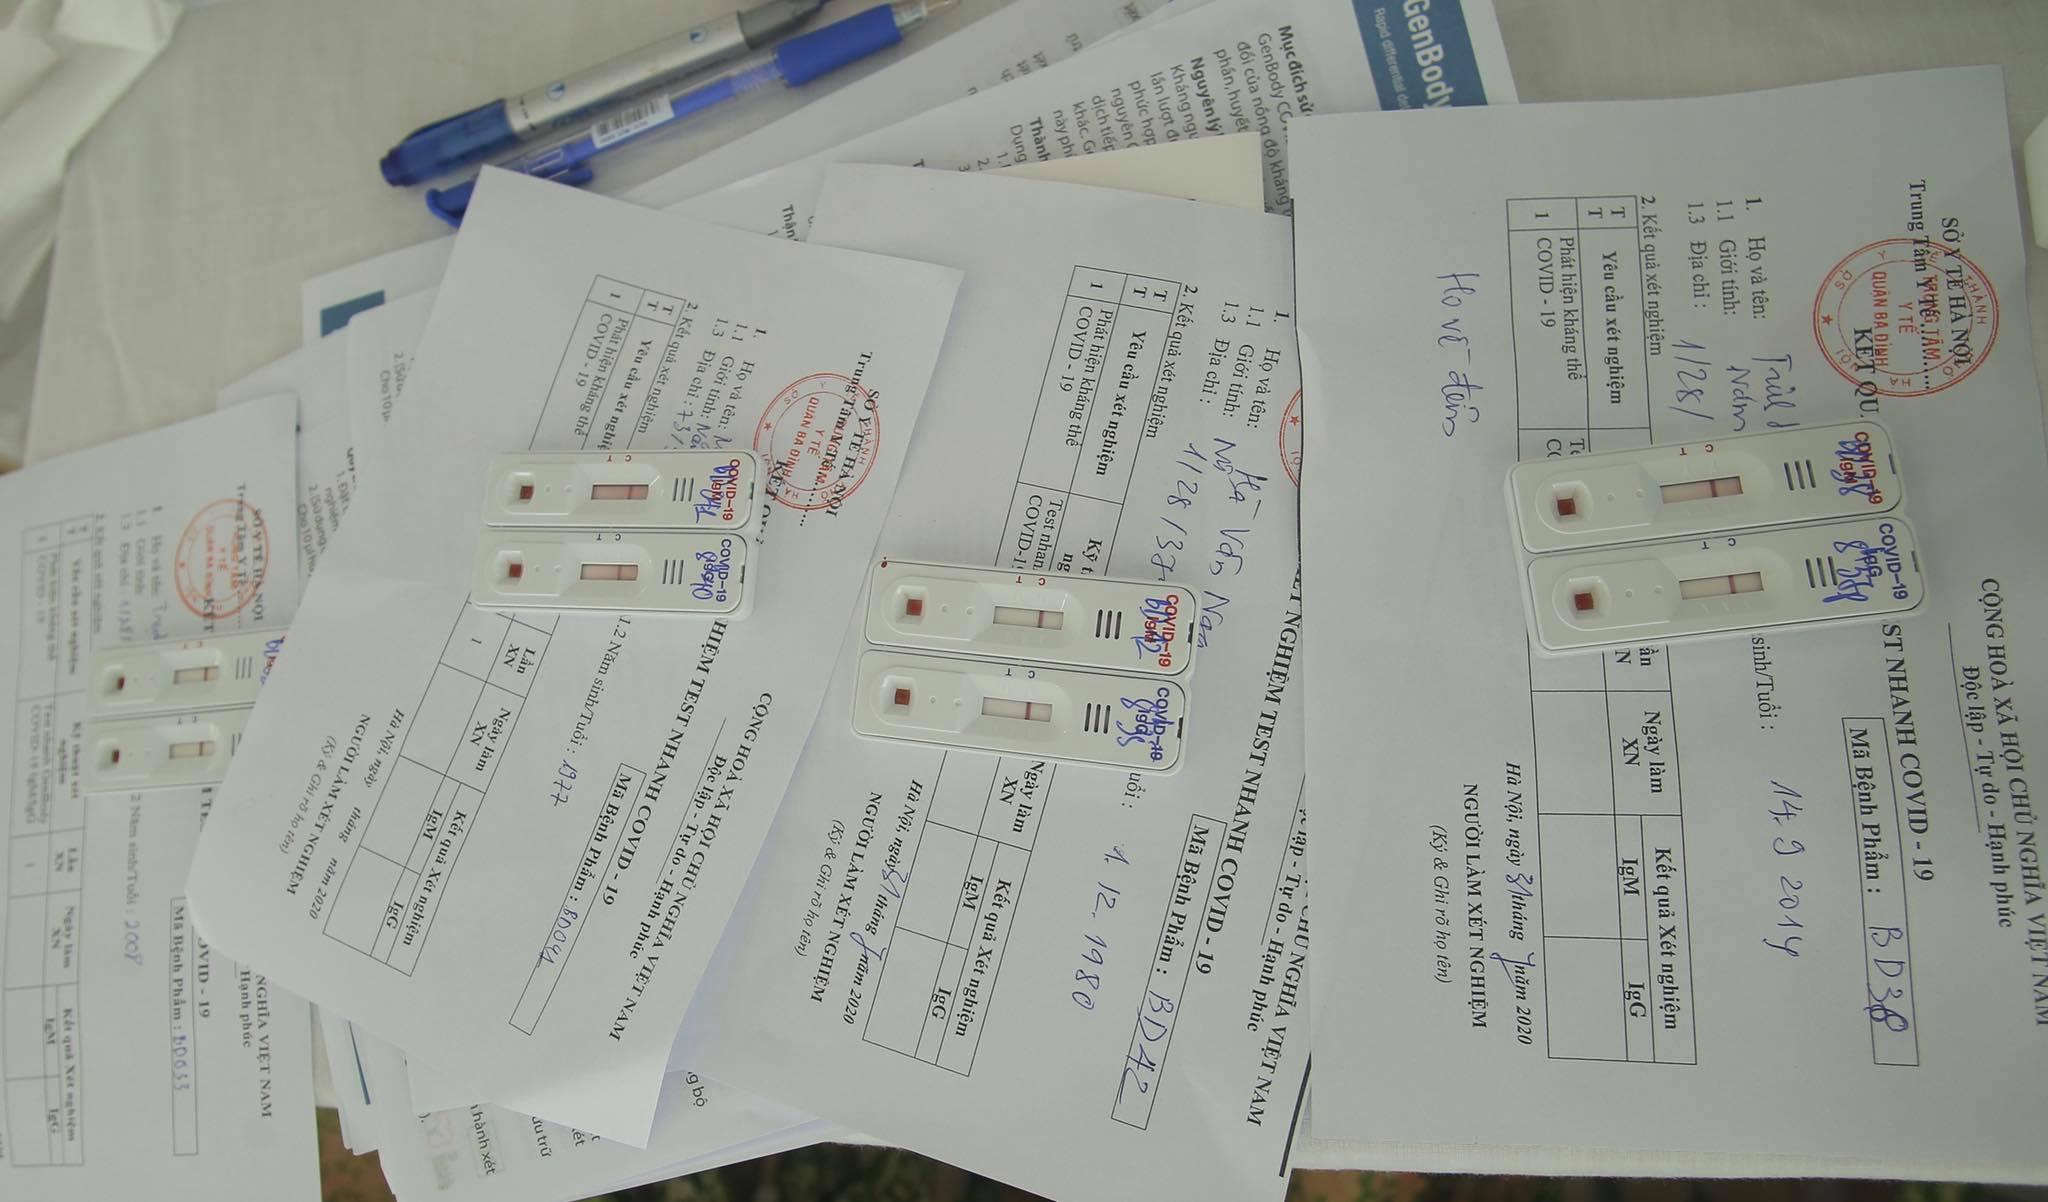 Hà Nội: Quận Ba Đình xét nghiệm nhanh Covid-19 cho gần 1.600 người về từ Đà Nẵng-7